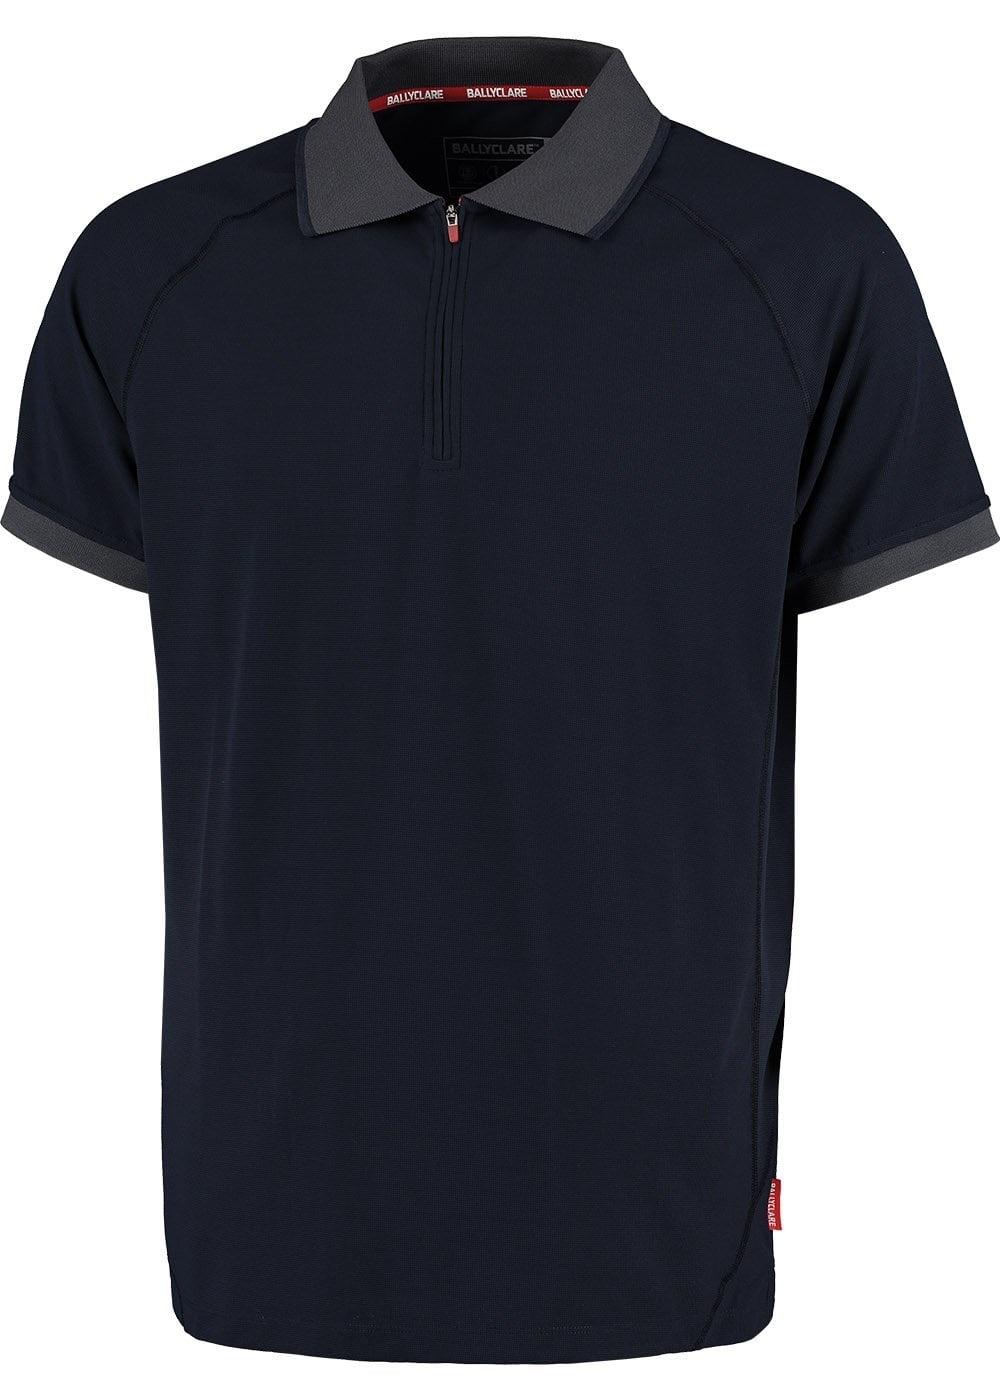 Ballyclare Poloshirt Vochtregulerend 365